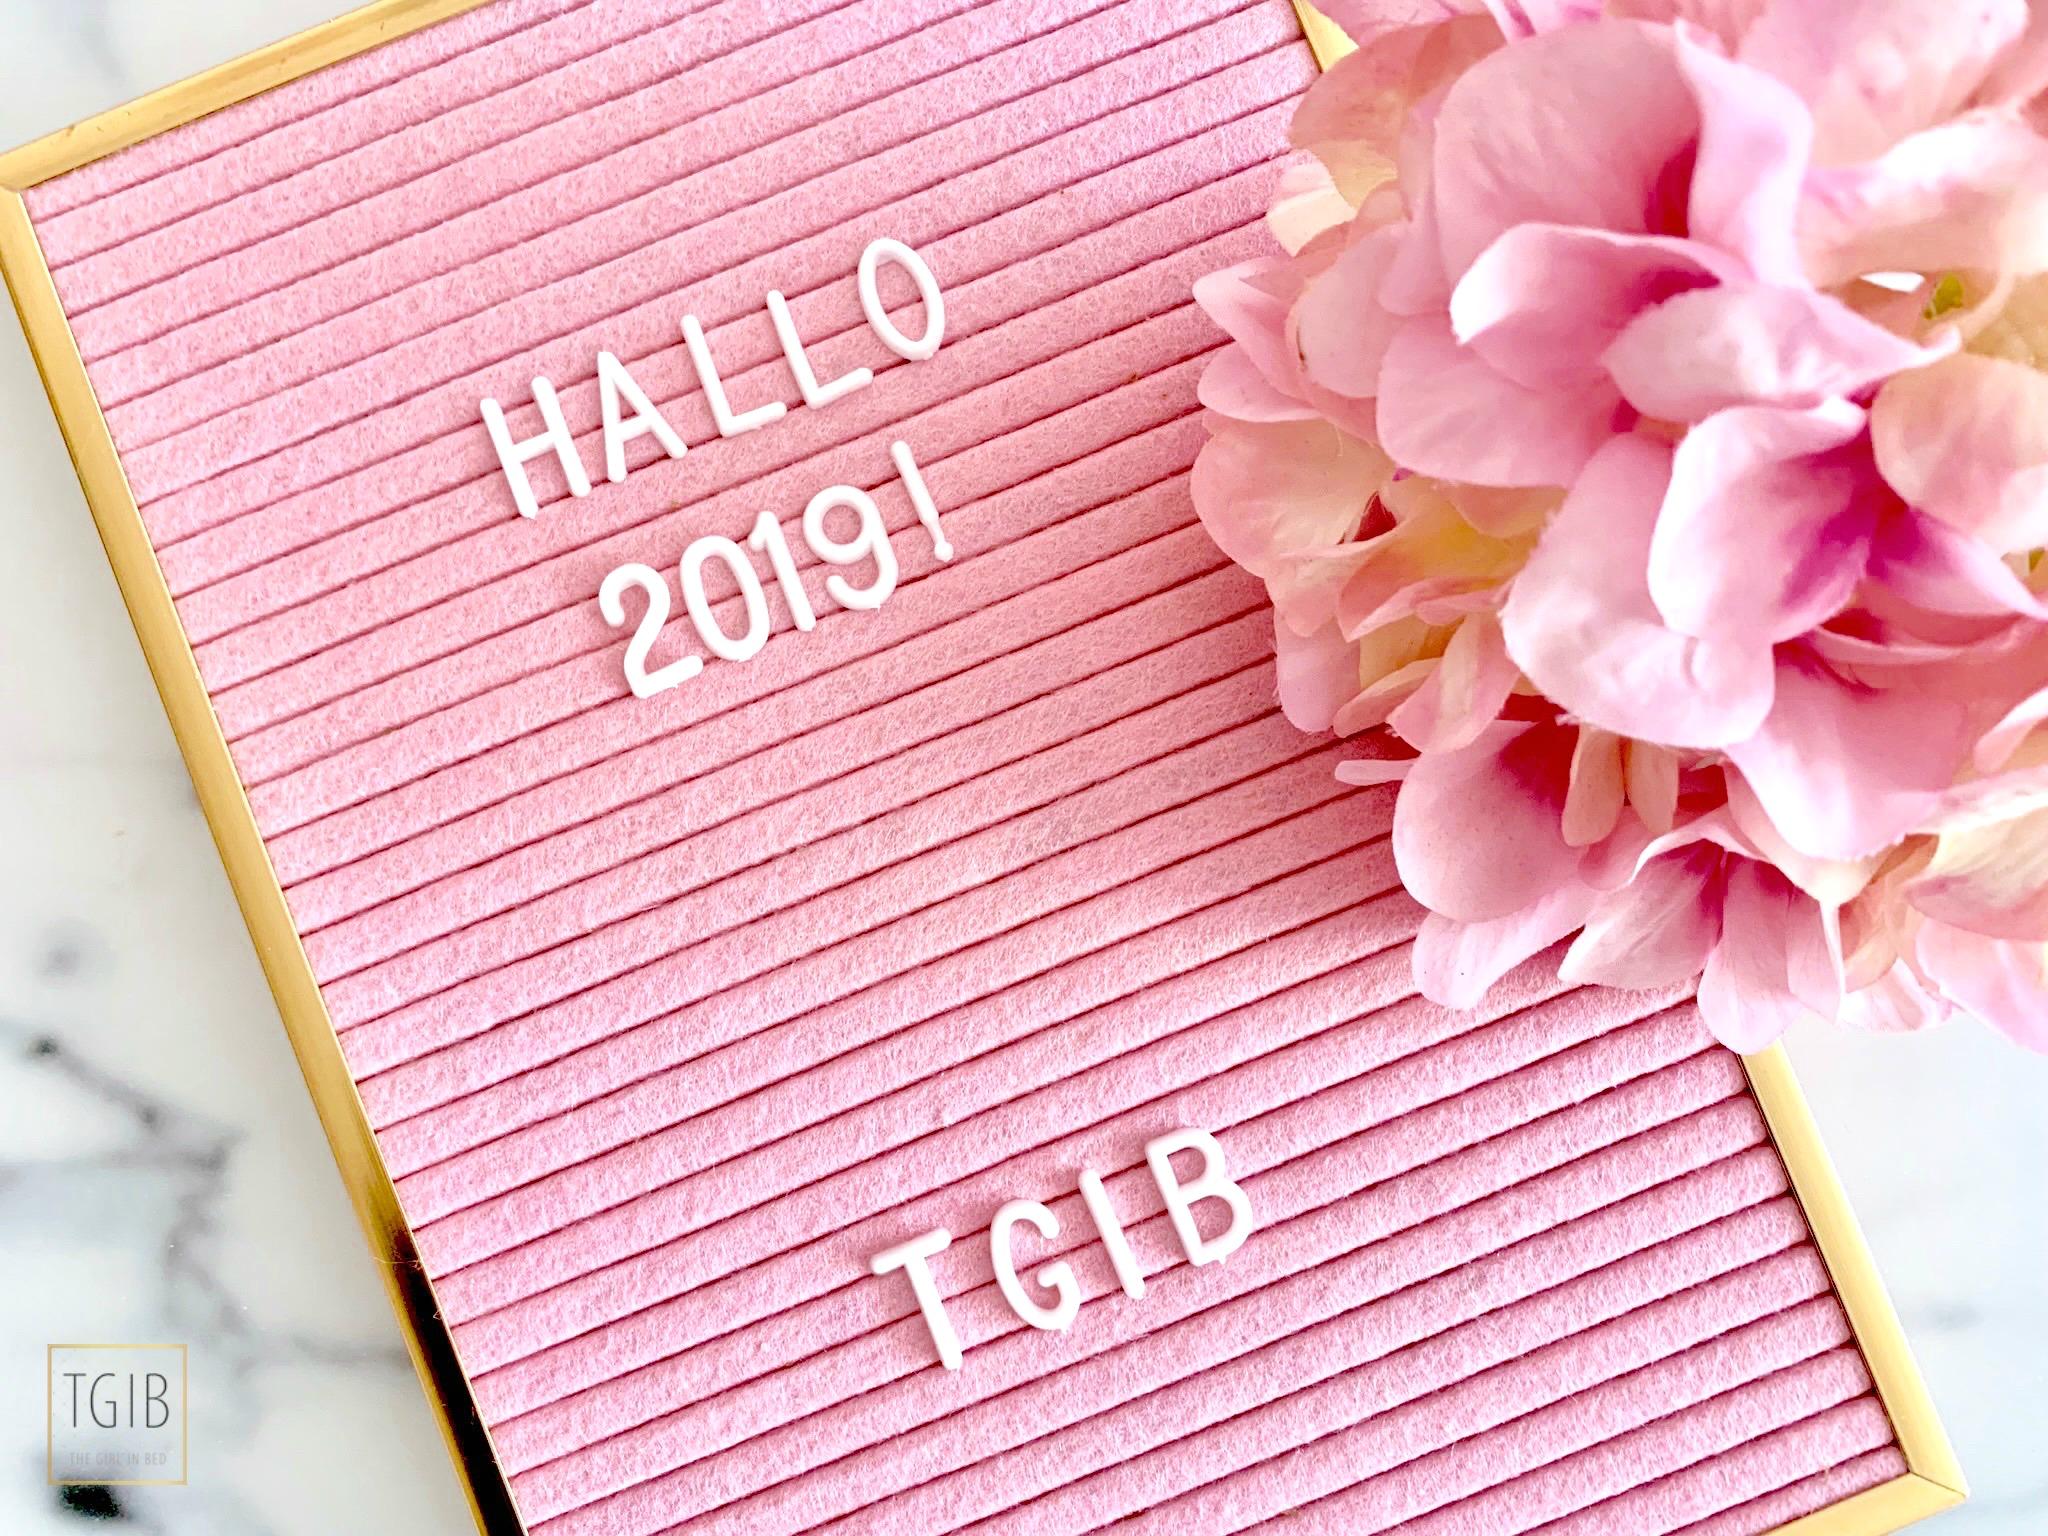 roze action letterbord 2019